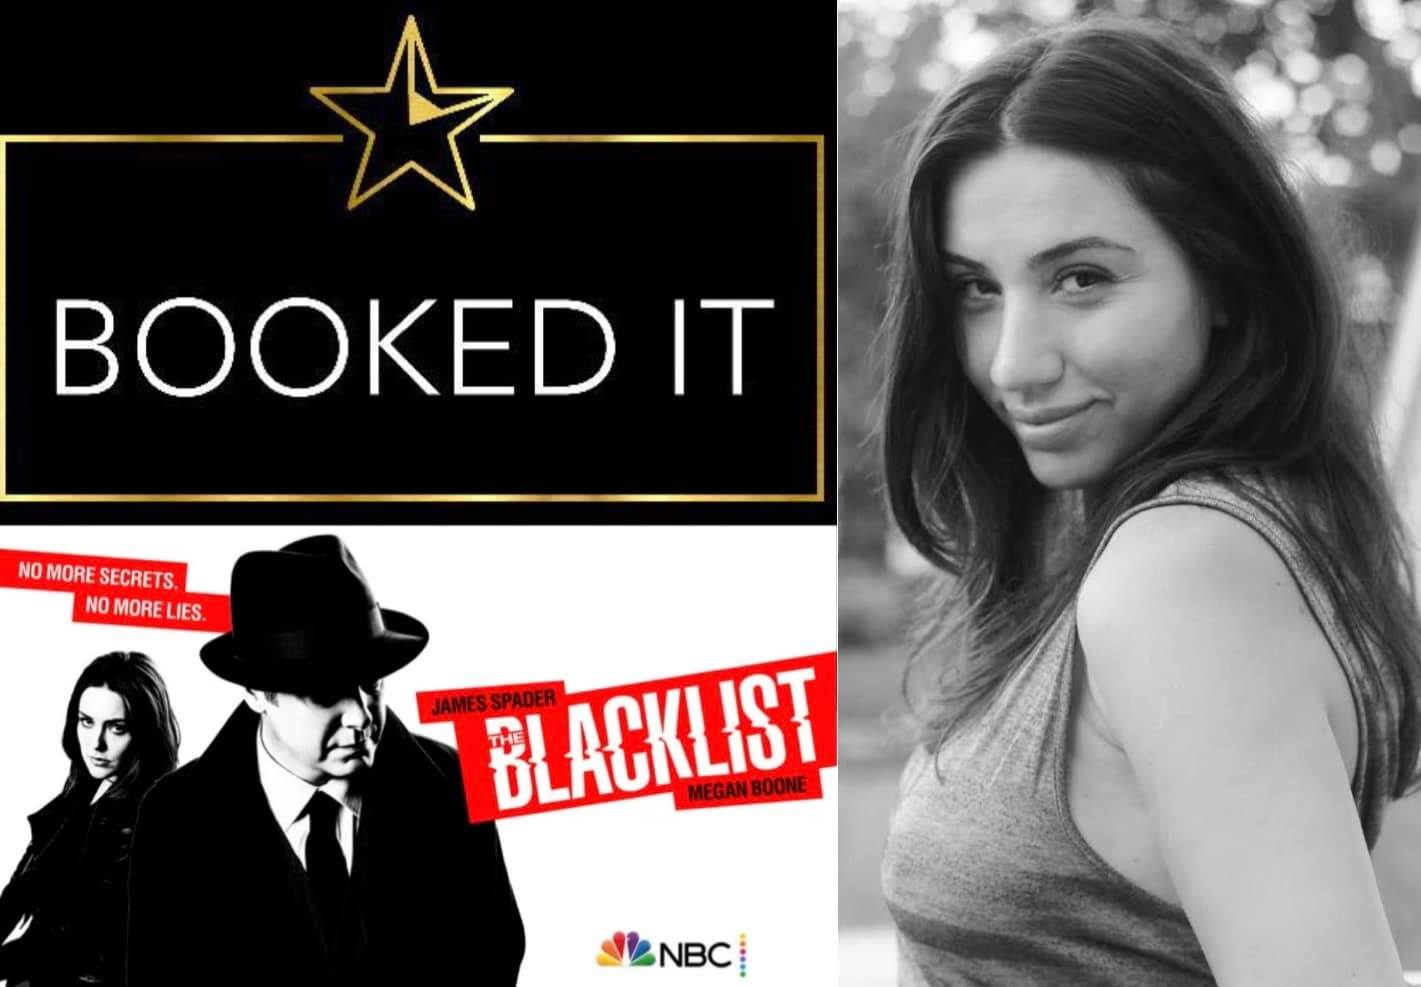 Julie Asriyan booked Blacklist